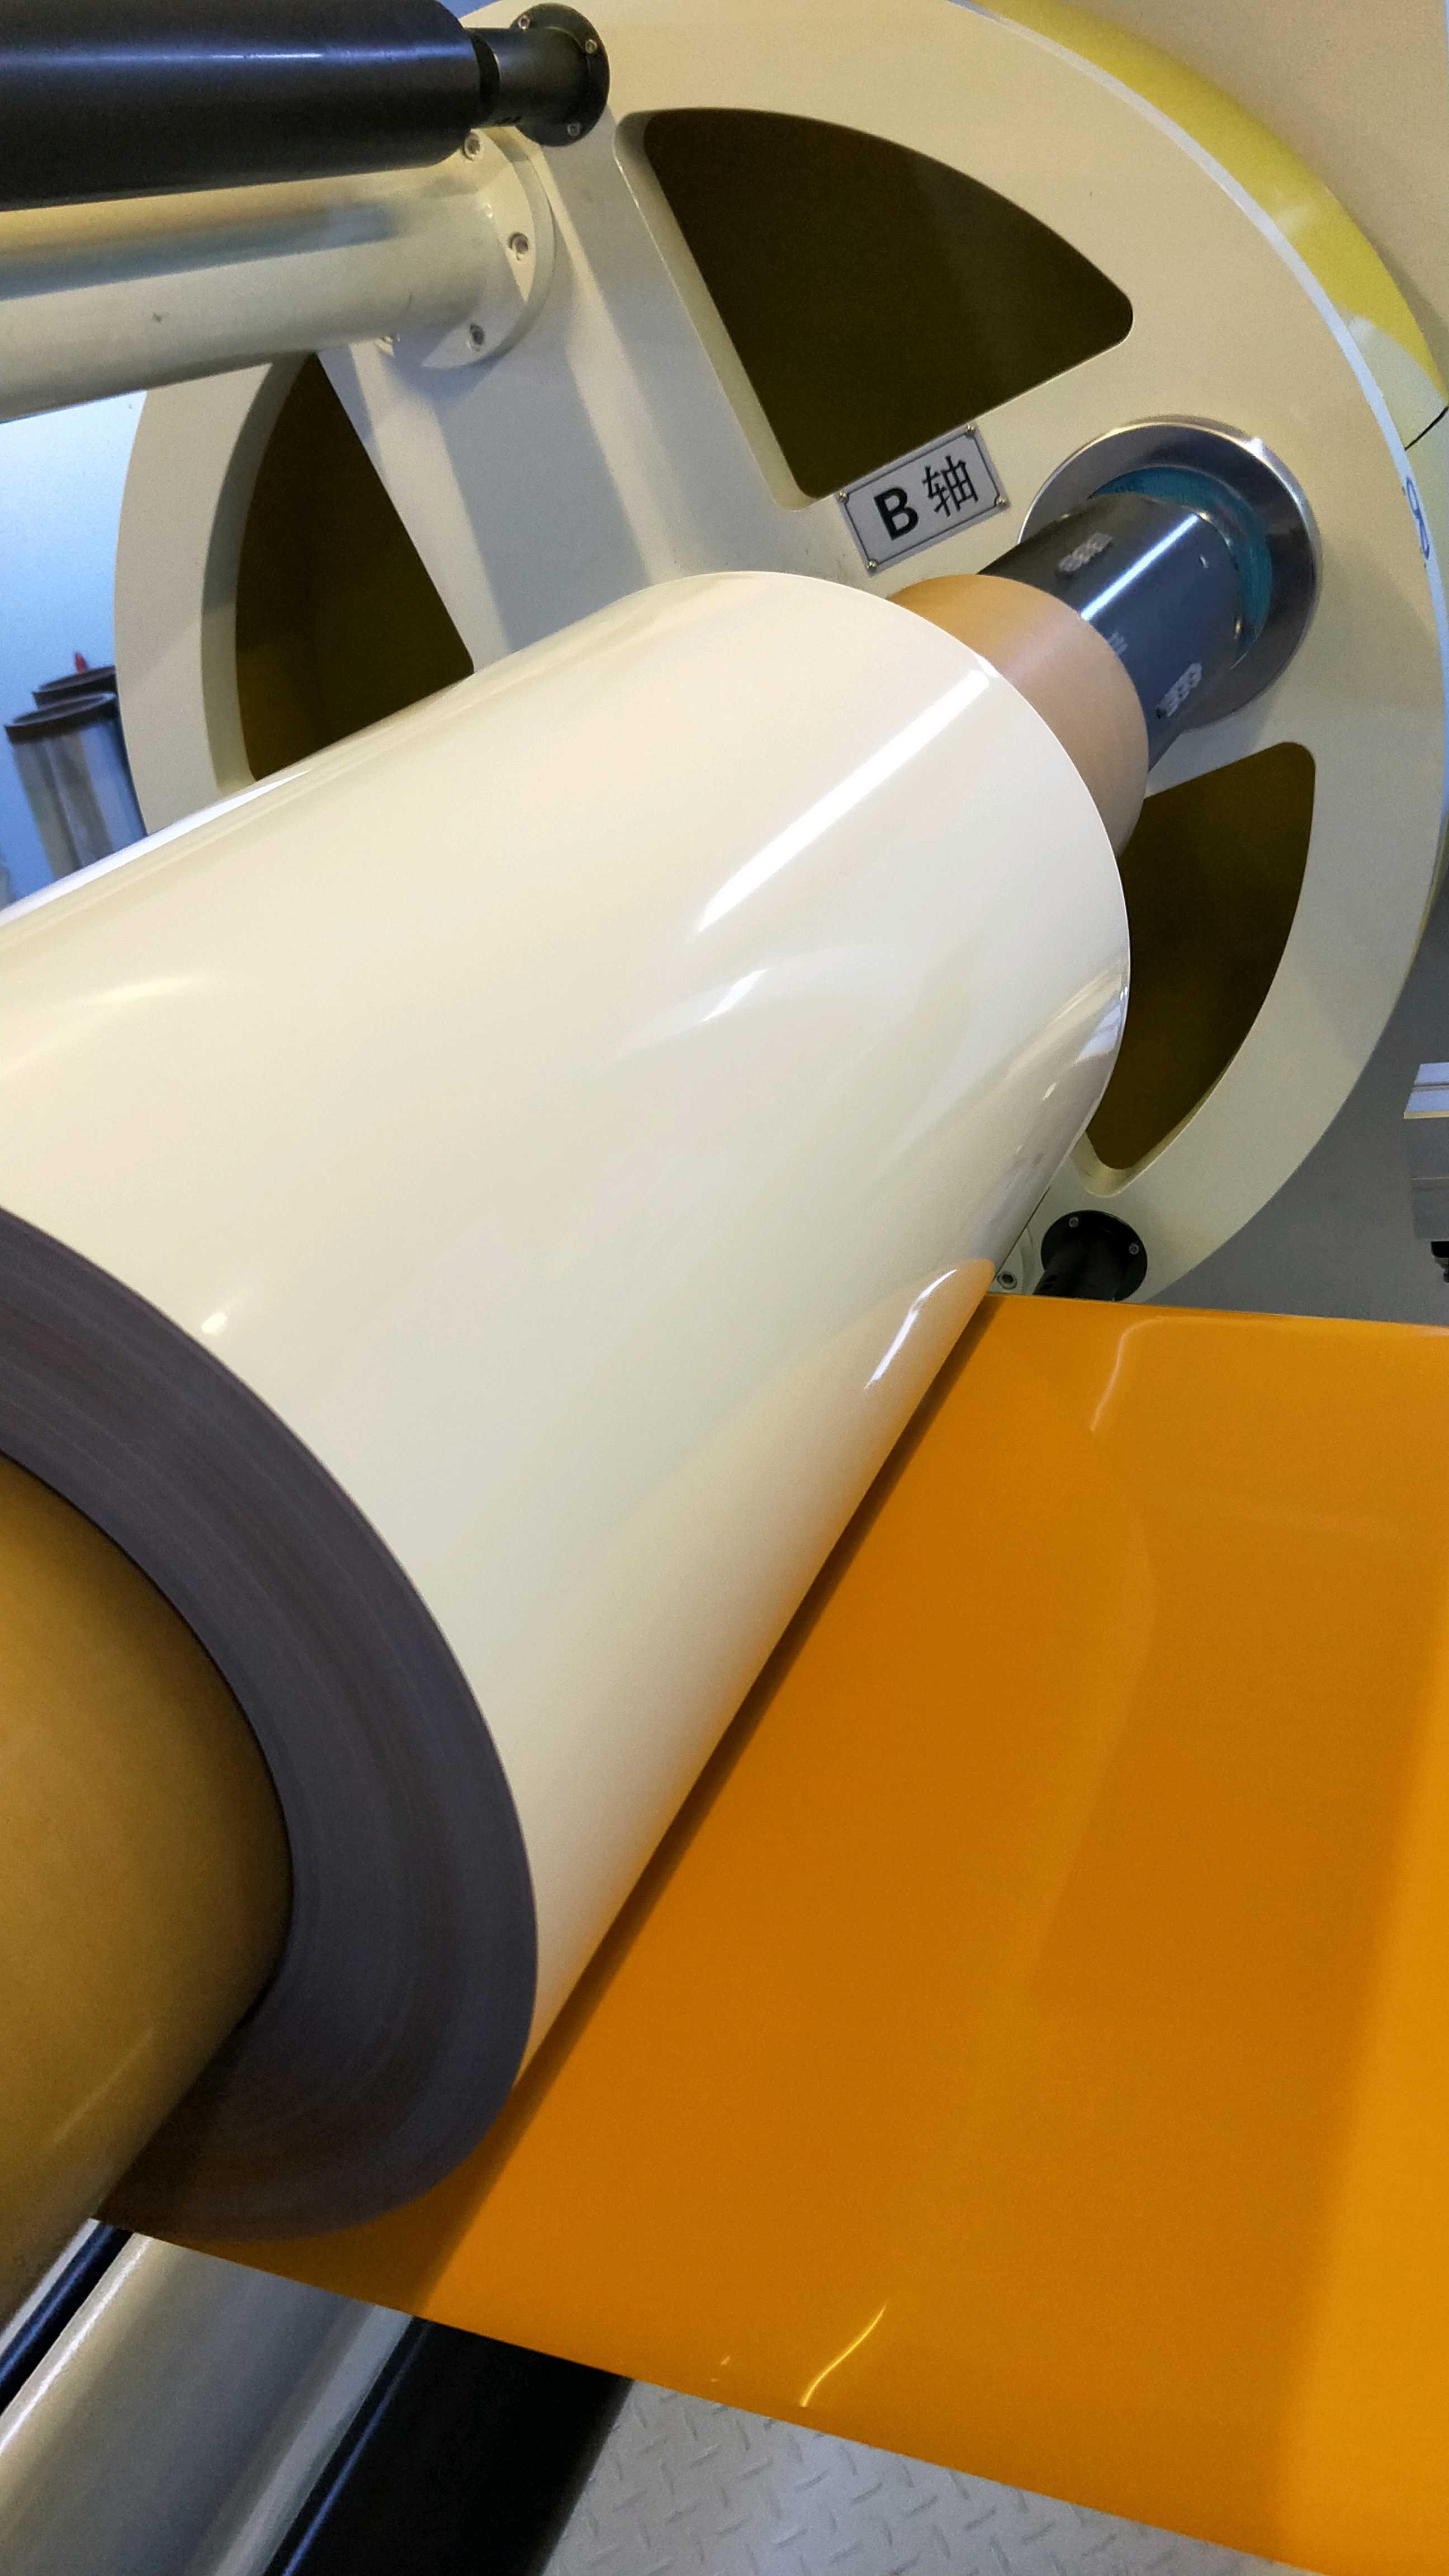 公司生产各种:PI耐高温标签,阻燃哑黑哑白材料,亚克力,硅胶,定制各种粘性保护膜。财富热线【15878108808】.农生